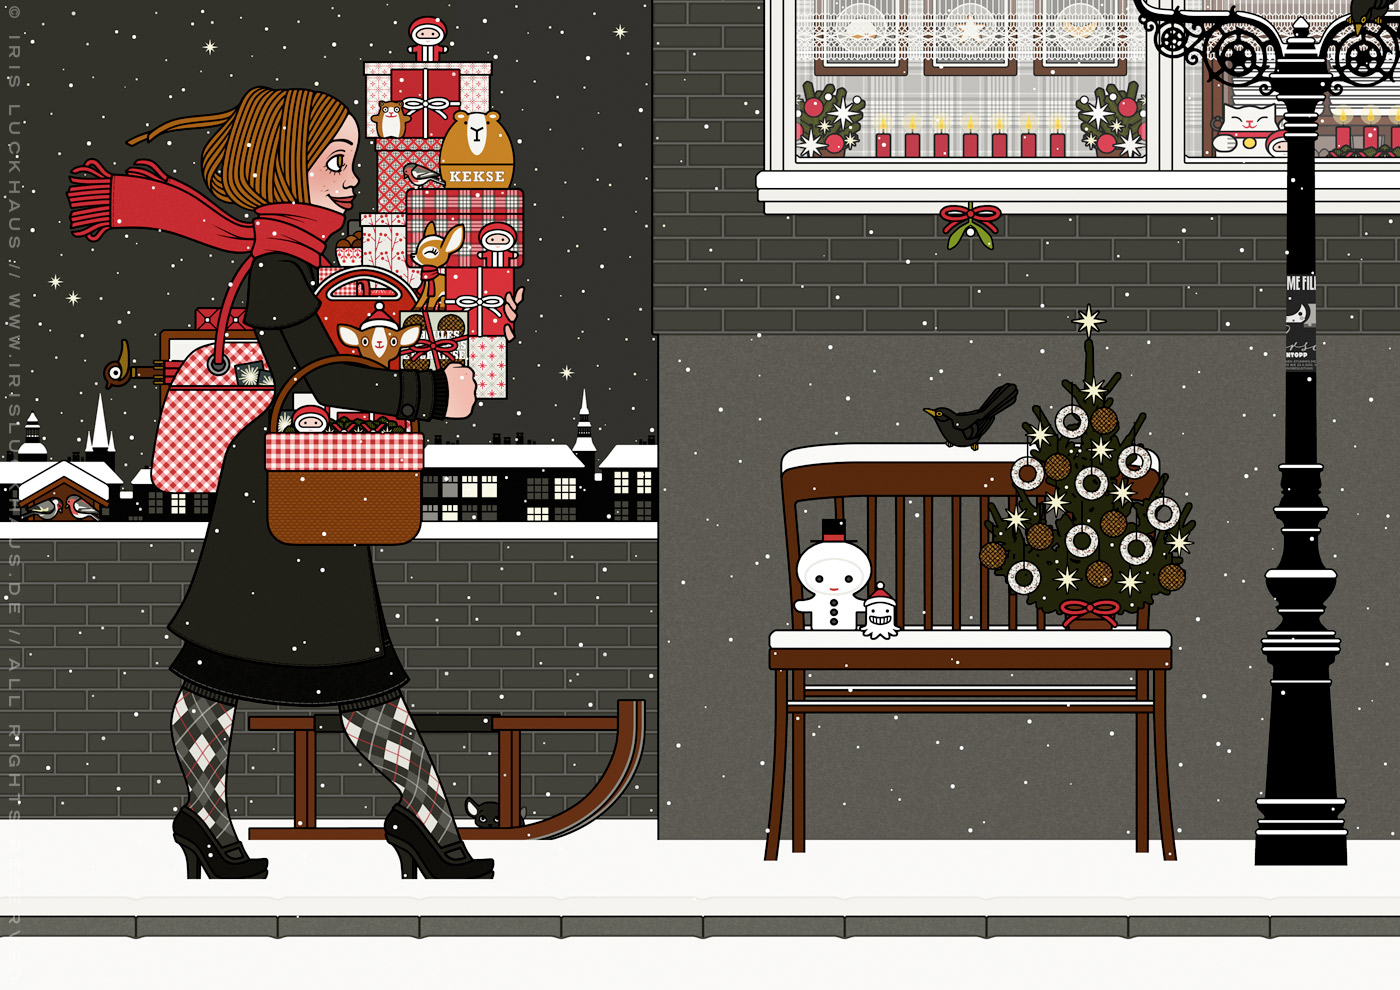 Zeichnung von einem Mädchen mit rotem Schal, das mit Geschenken bepackt auf der Straße im Schnee unterwegs zu einer Weihnachtsfeier ist, für Lily Lux von Iris Luckhaus